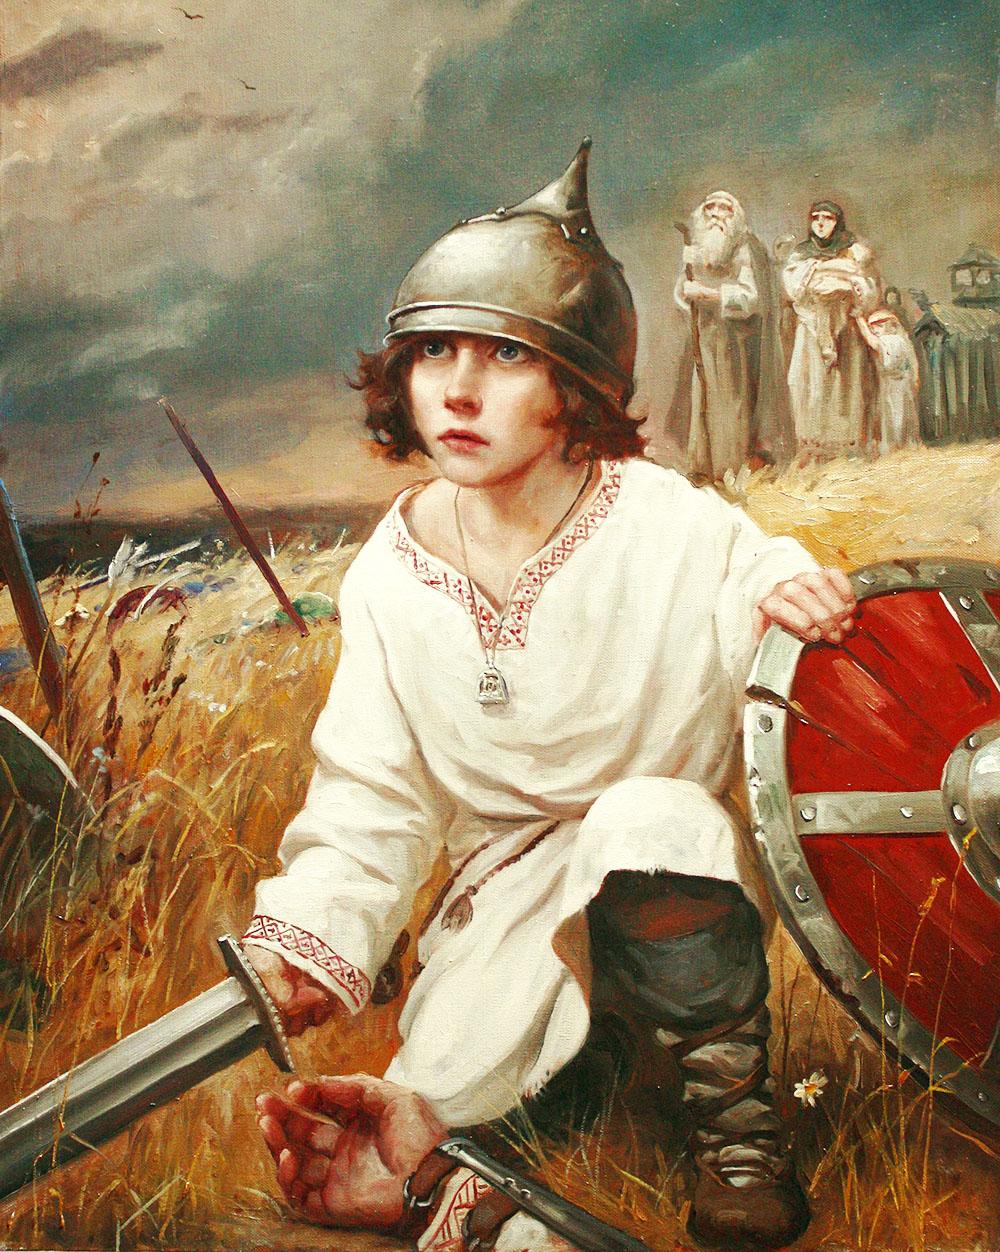 Я пришёл бы к вам раньше, но меня задержала стойкость ваших солдат ...